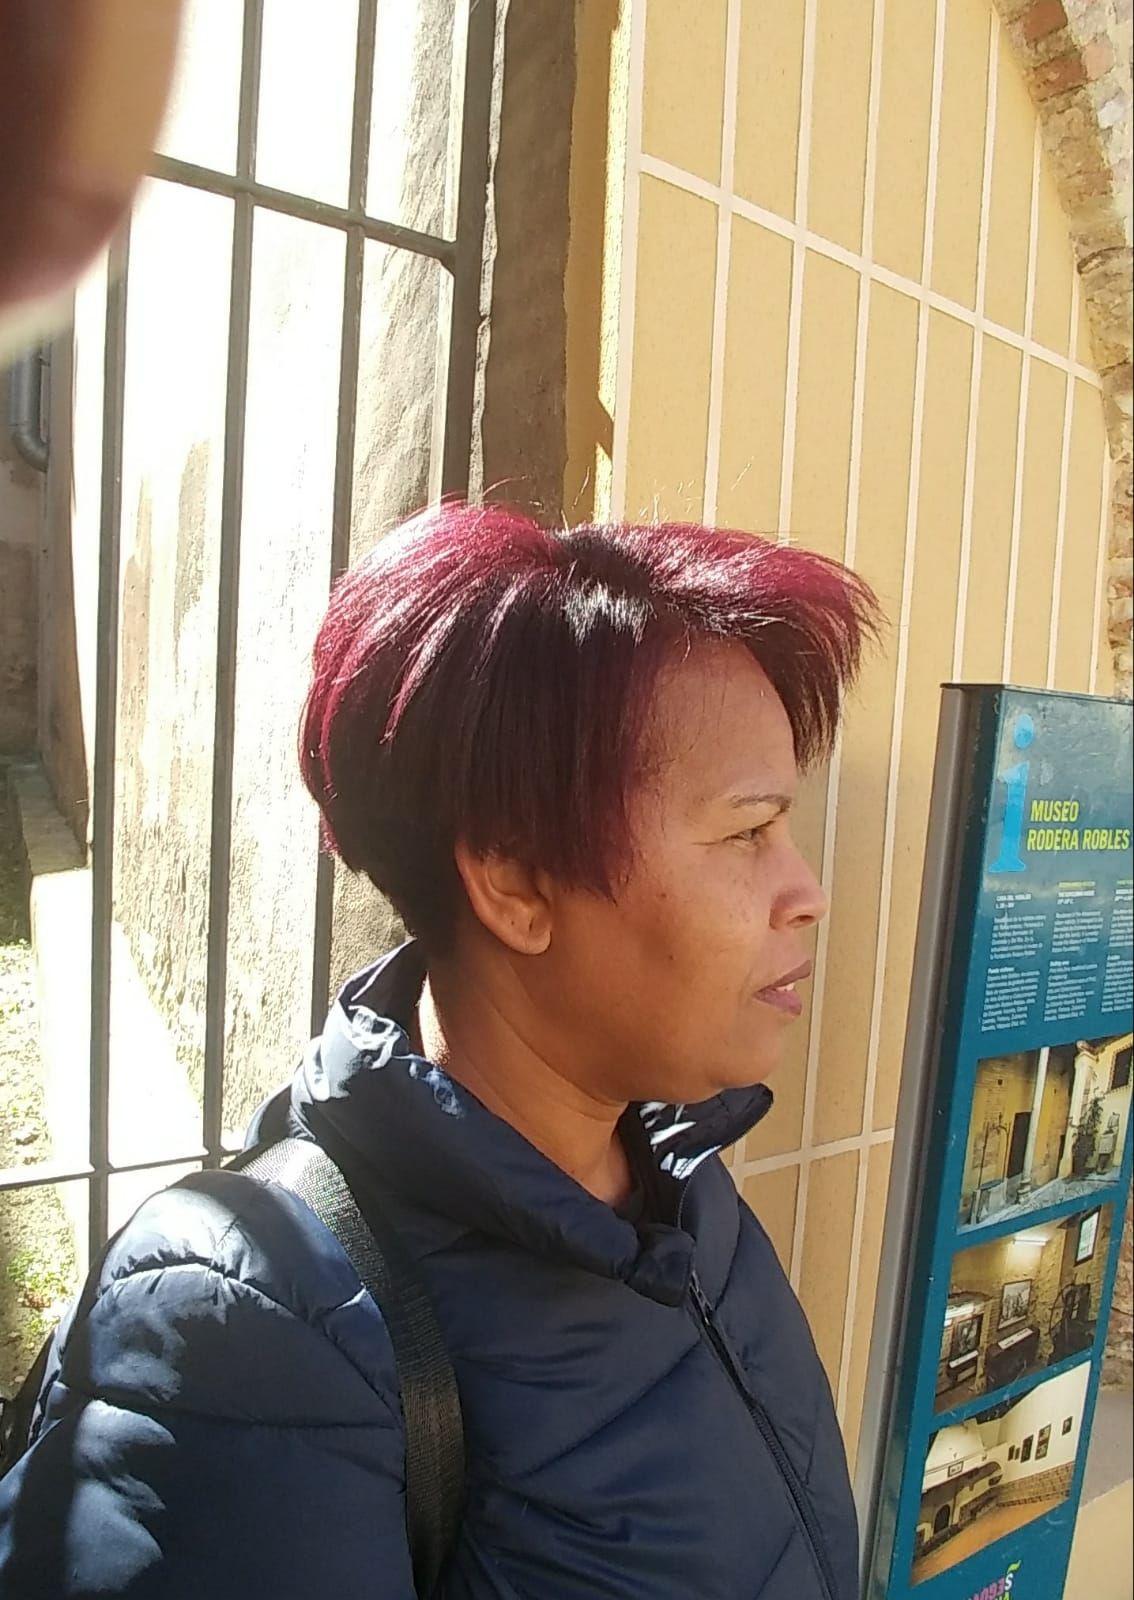 Foto 32 de Peluquería de mujer en Segovia | Peluquería Fuen García Estilistas